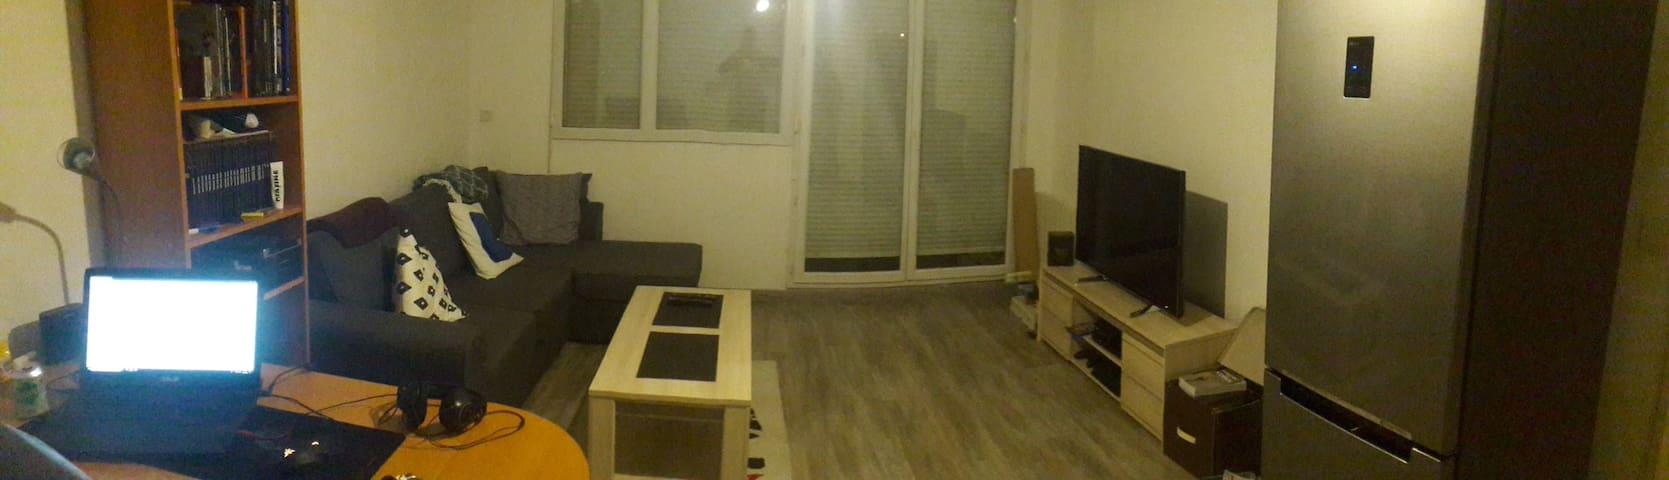 Appartement de 66m² proche d'Orléans.